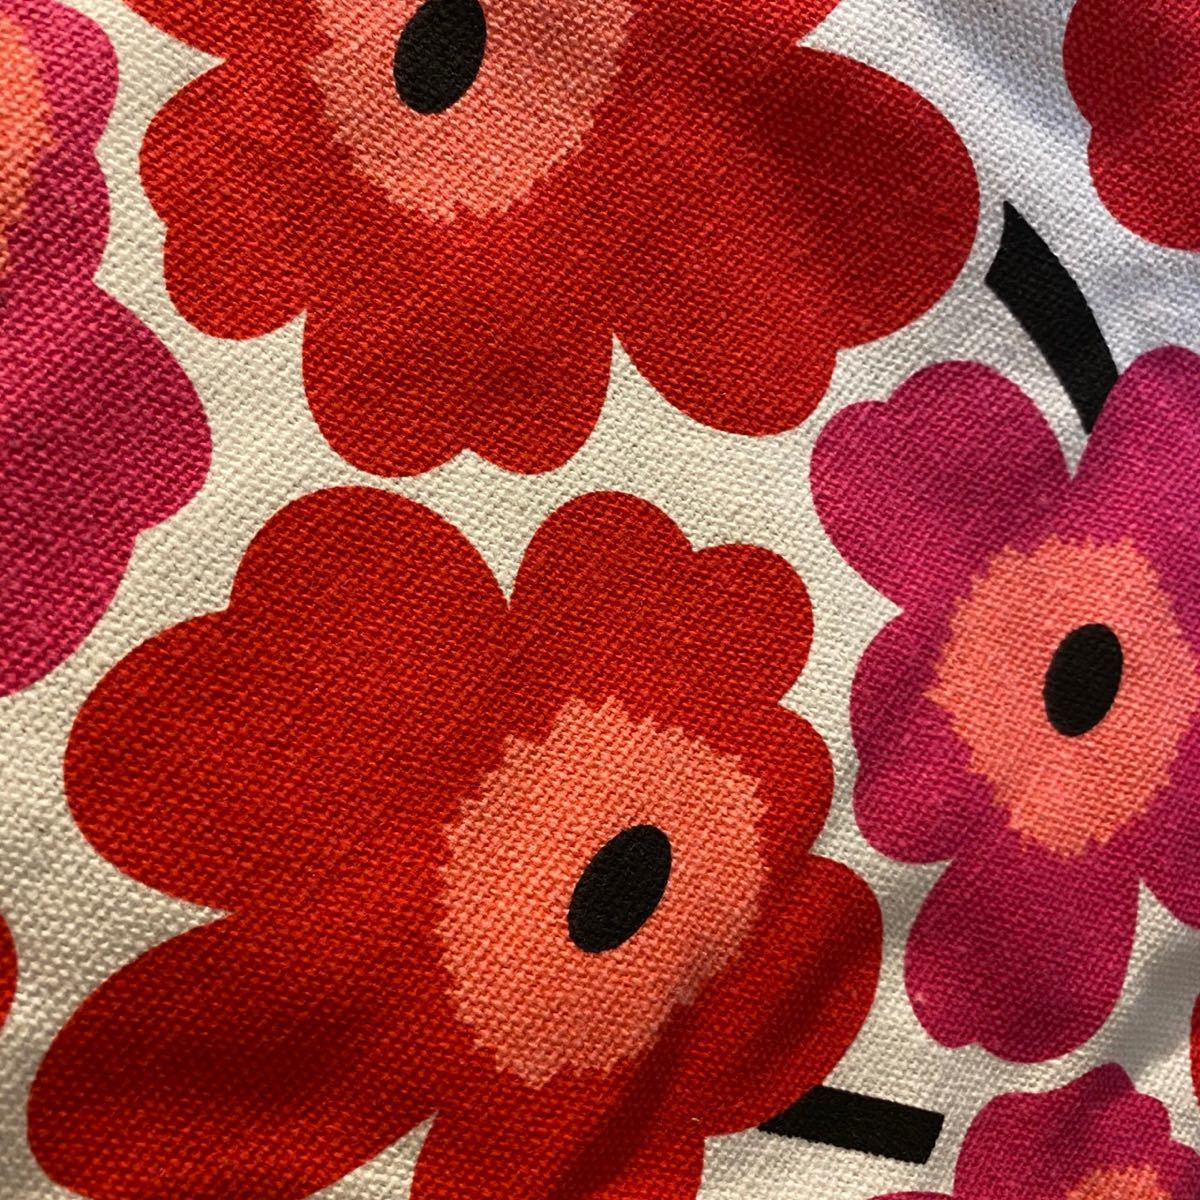 マリメッコ ミニトート 花柄 レッド 人気 ランチバック エコバック レディース